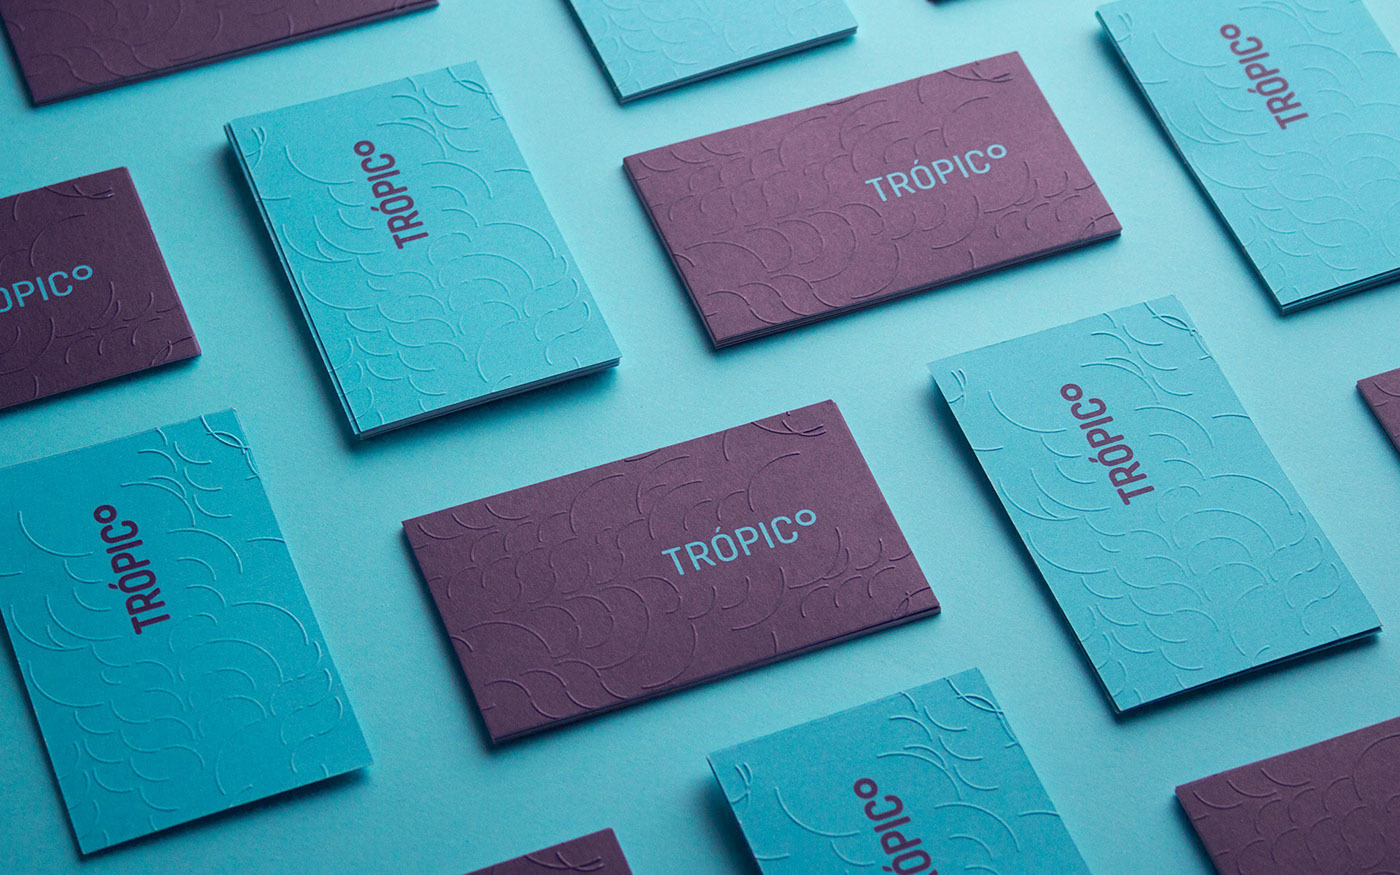 音像公司Trópico品牌设计 欣赏-第18张